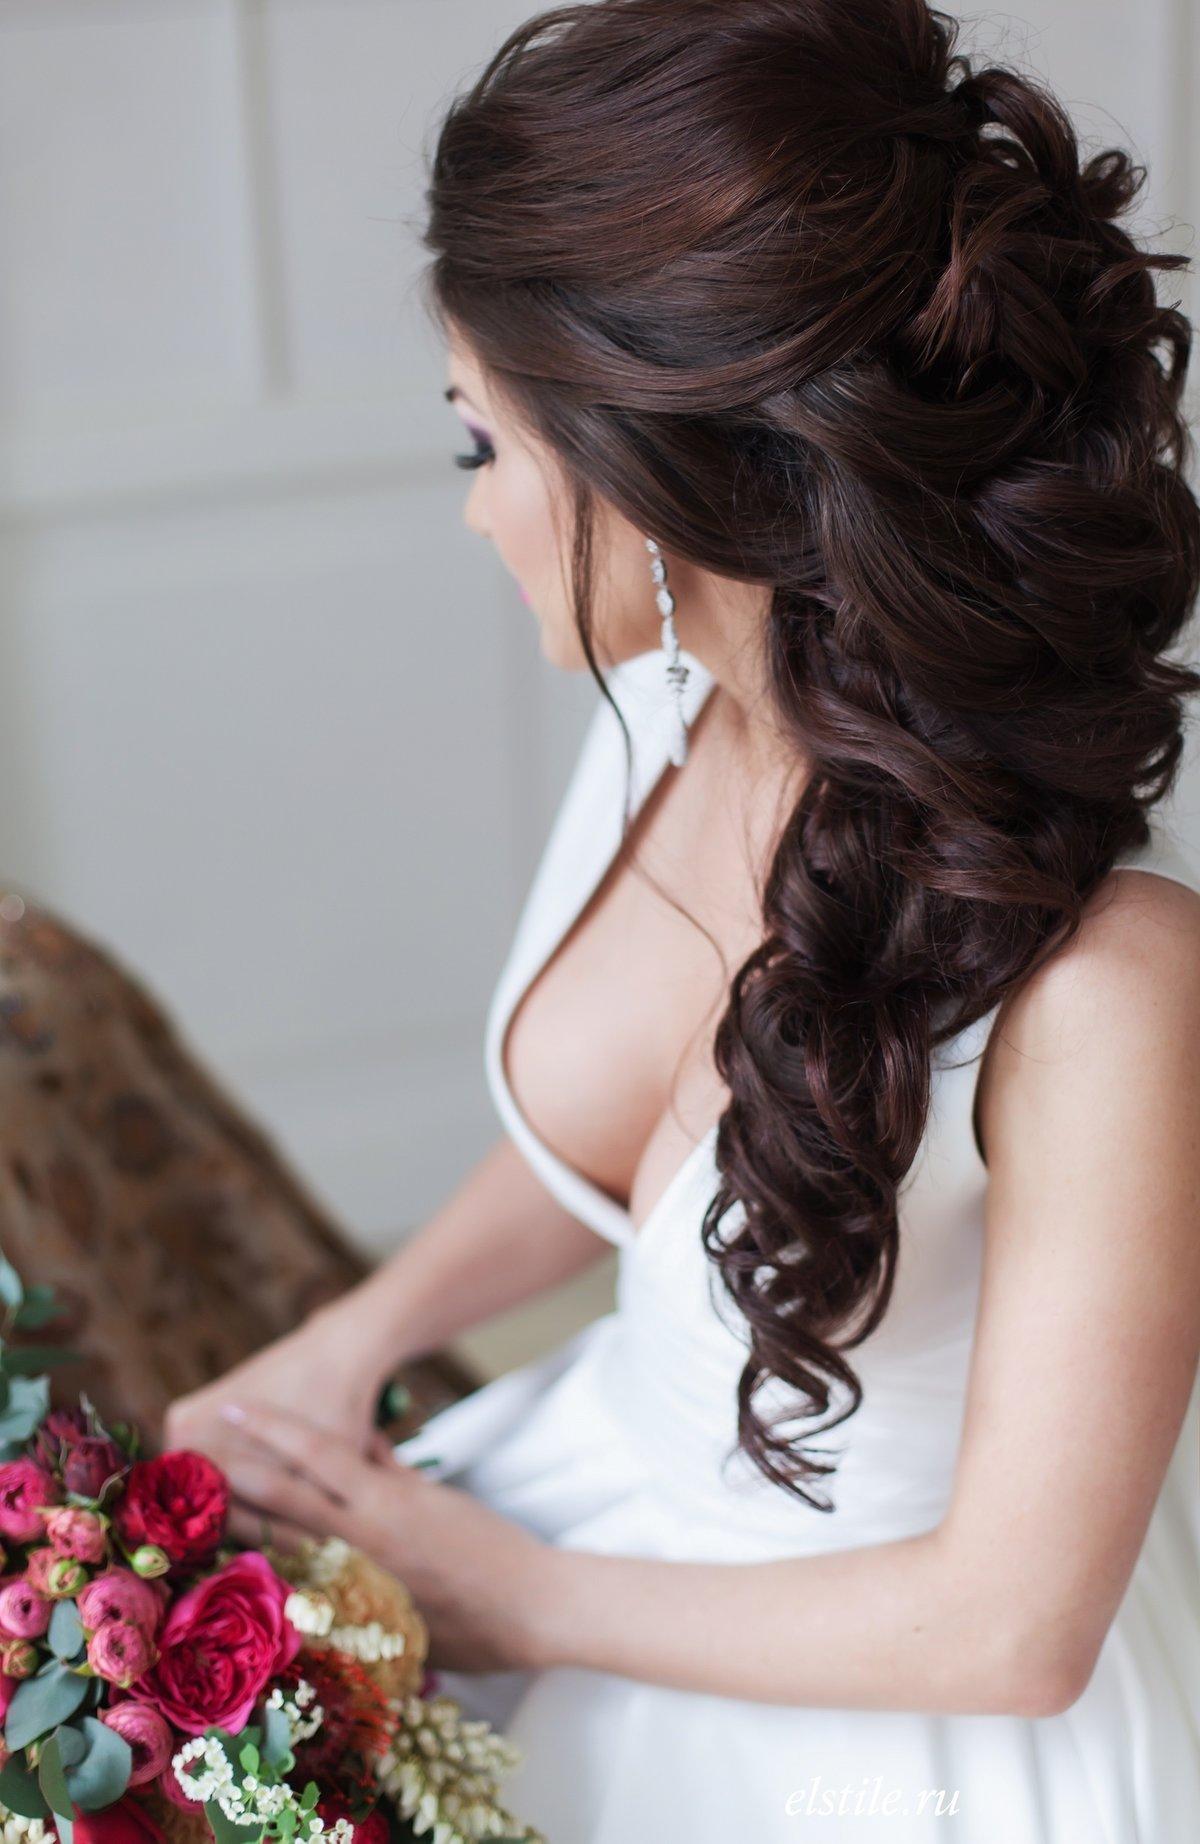 Прически на длинные волосы на свадьбу к подруге фото 2018